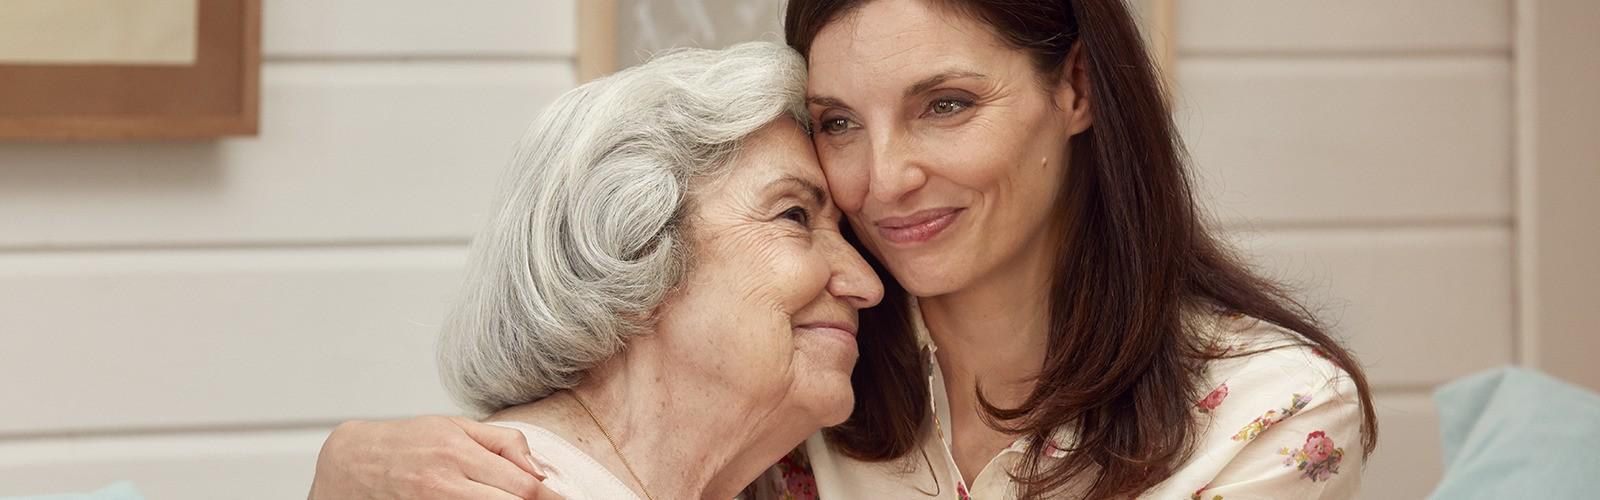 услуги дома престарелых в Северской